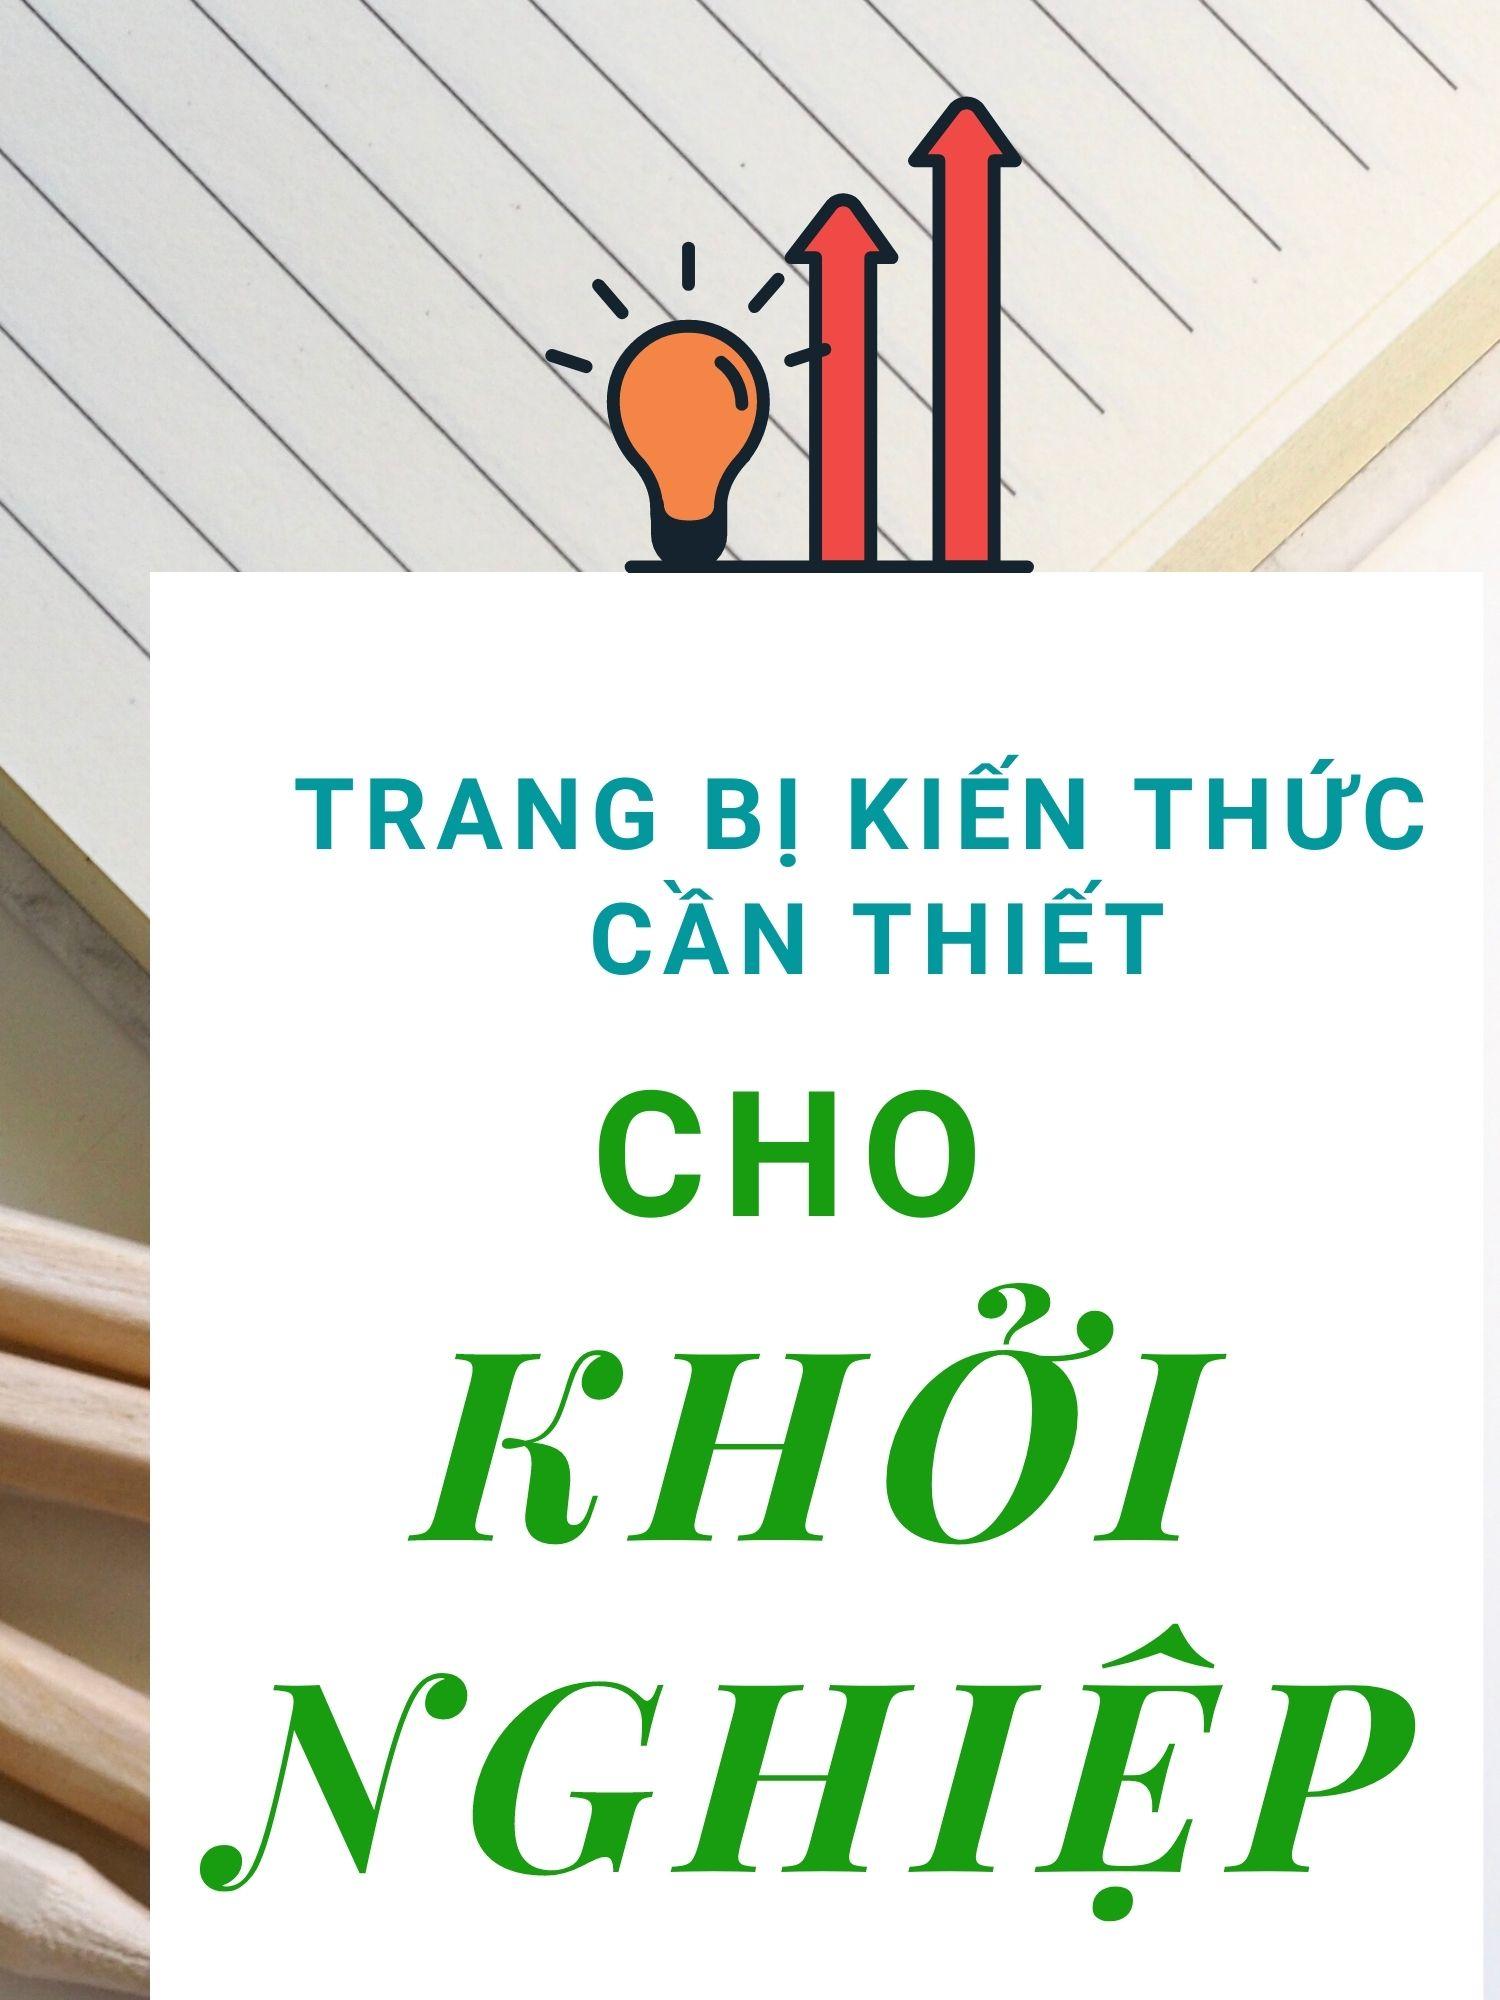 Các khóa học dành cho Khởi Nghiệp Đổi mới sáng tạo - Covankhoinghiep.vn